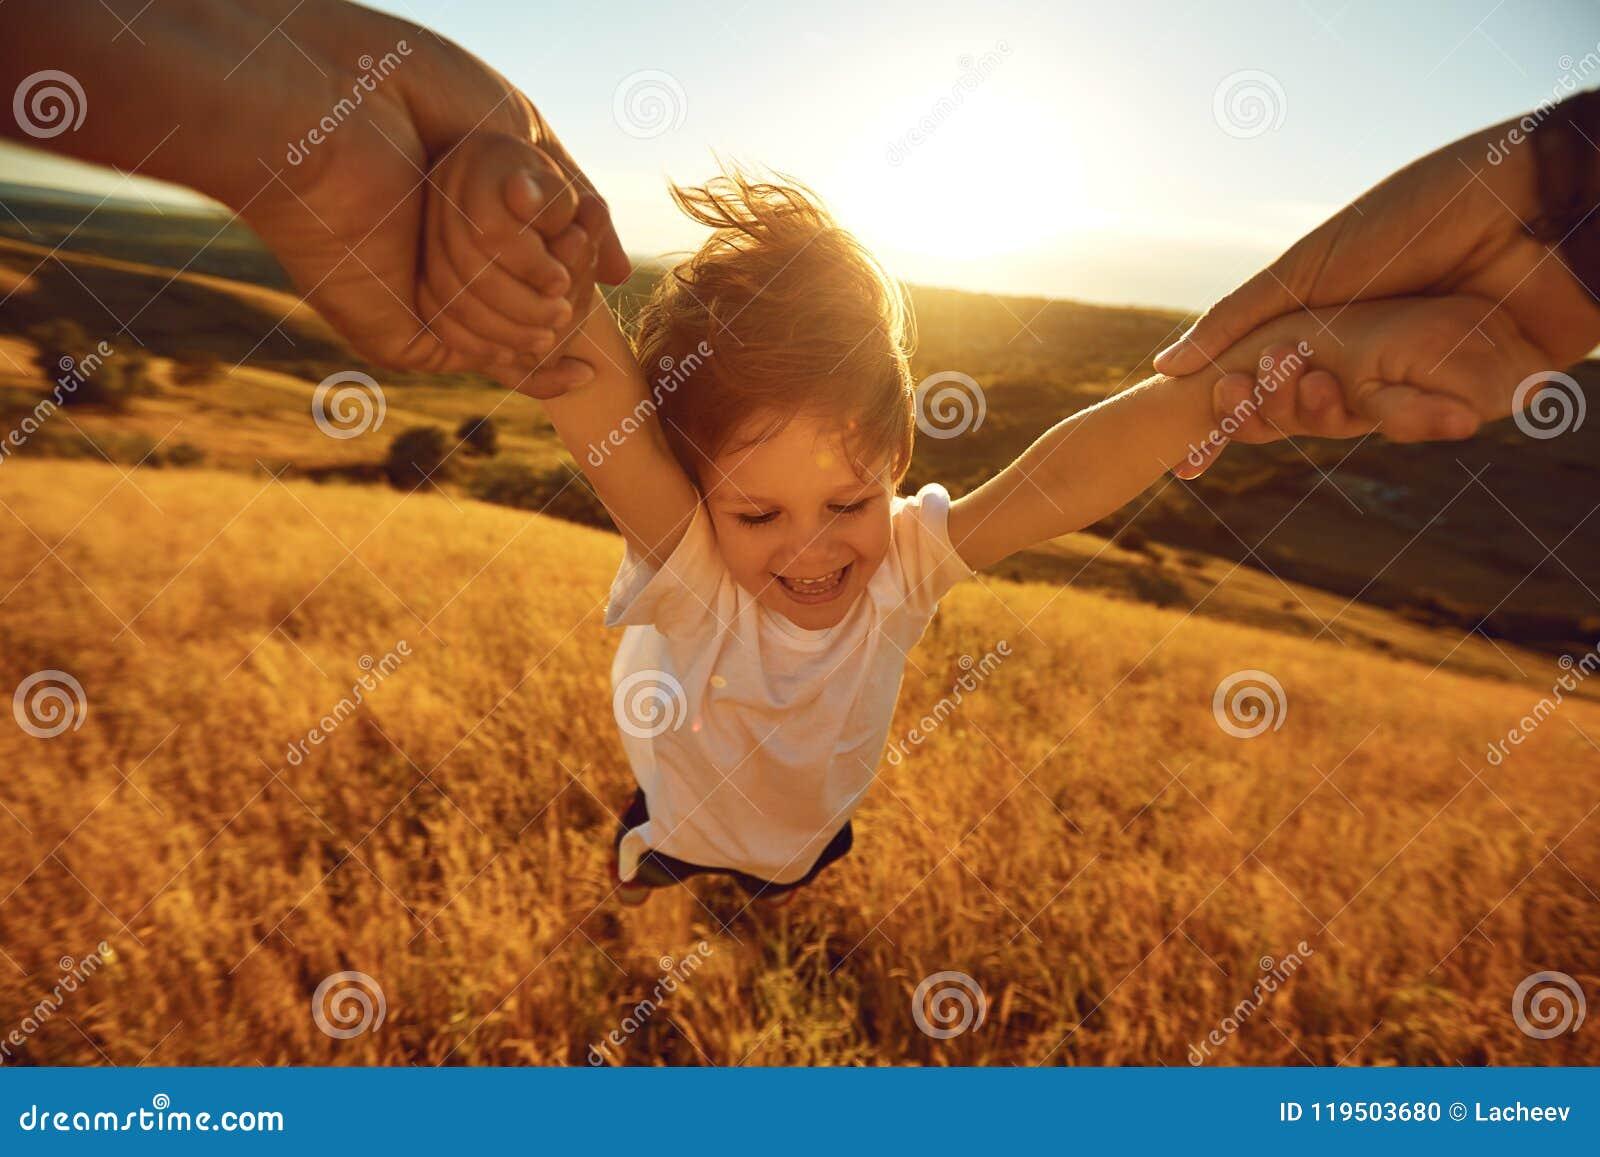 Le père tourne un enfant dans le domaine en nature